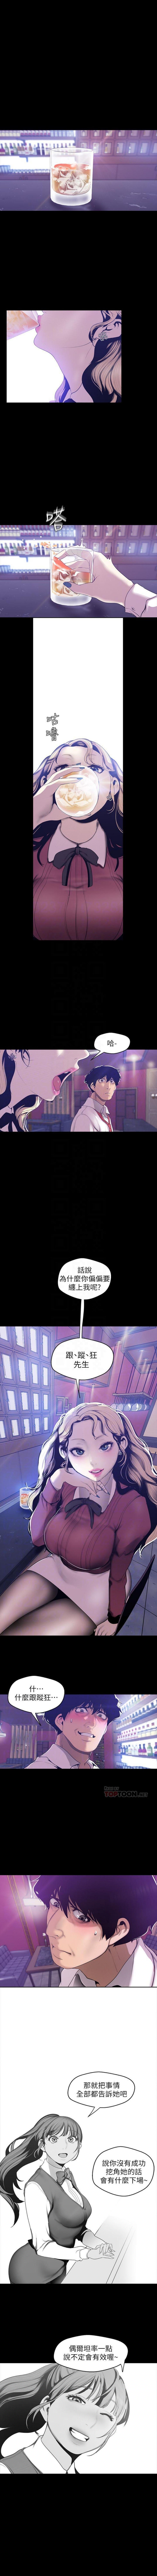 美麗新世界 1-85 官方中文(連載中) 540